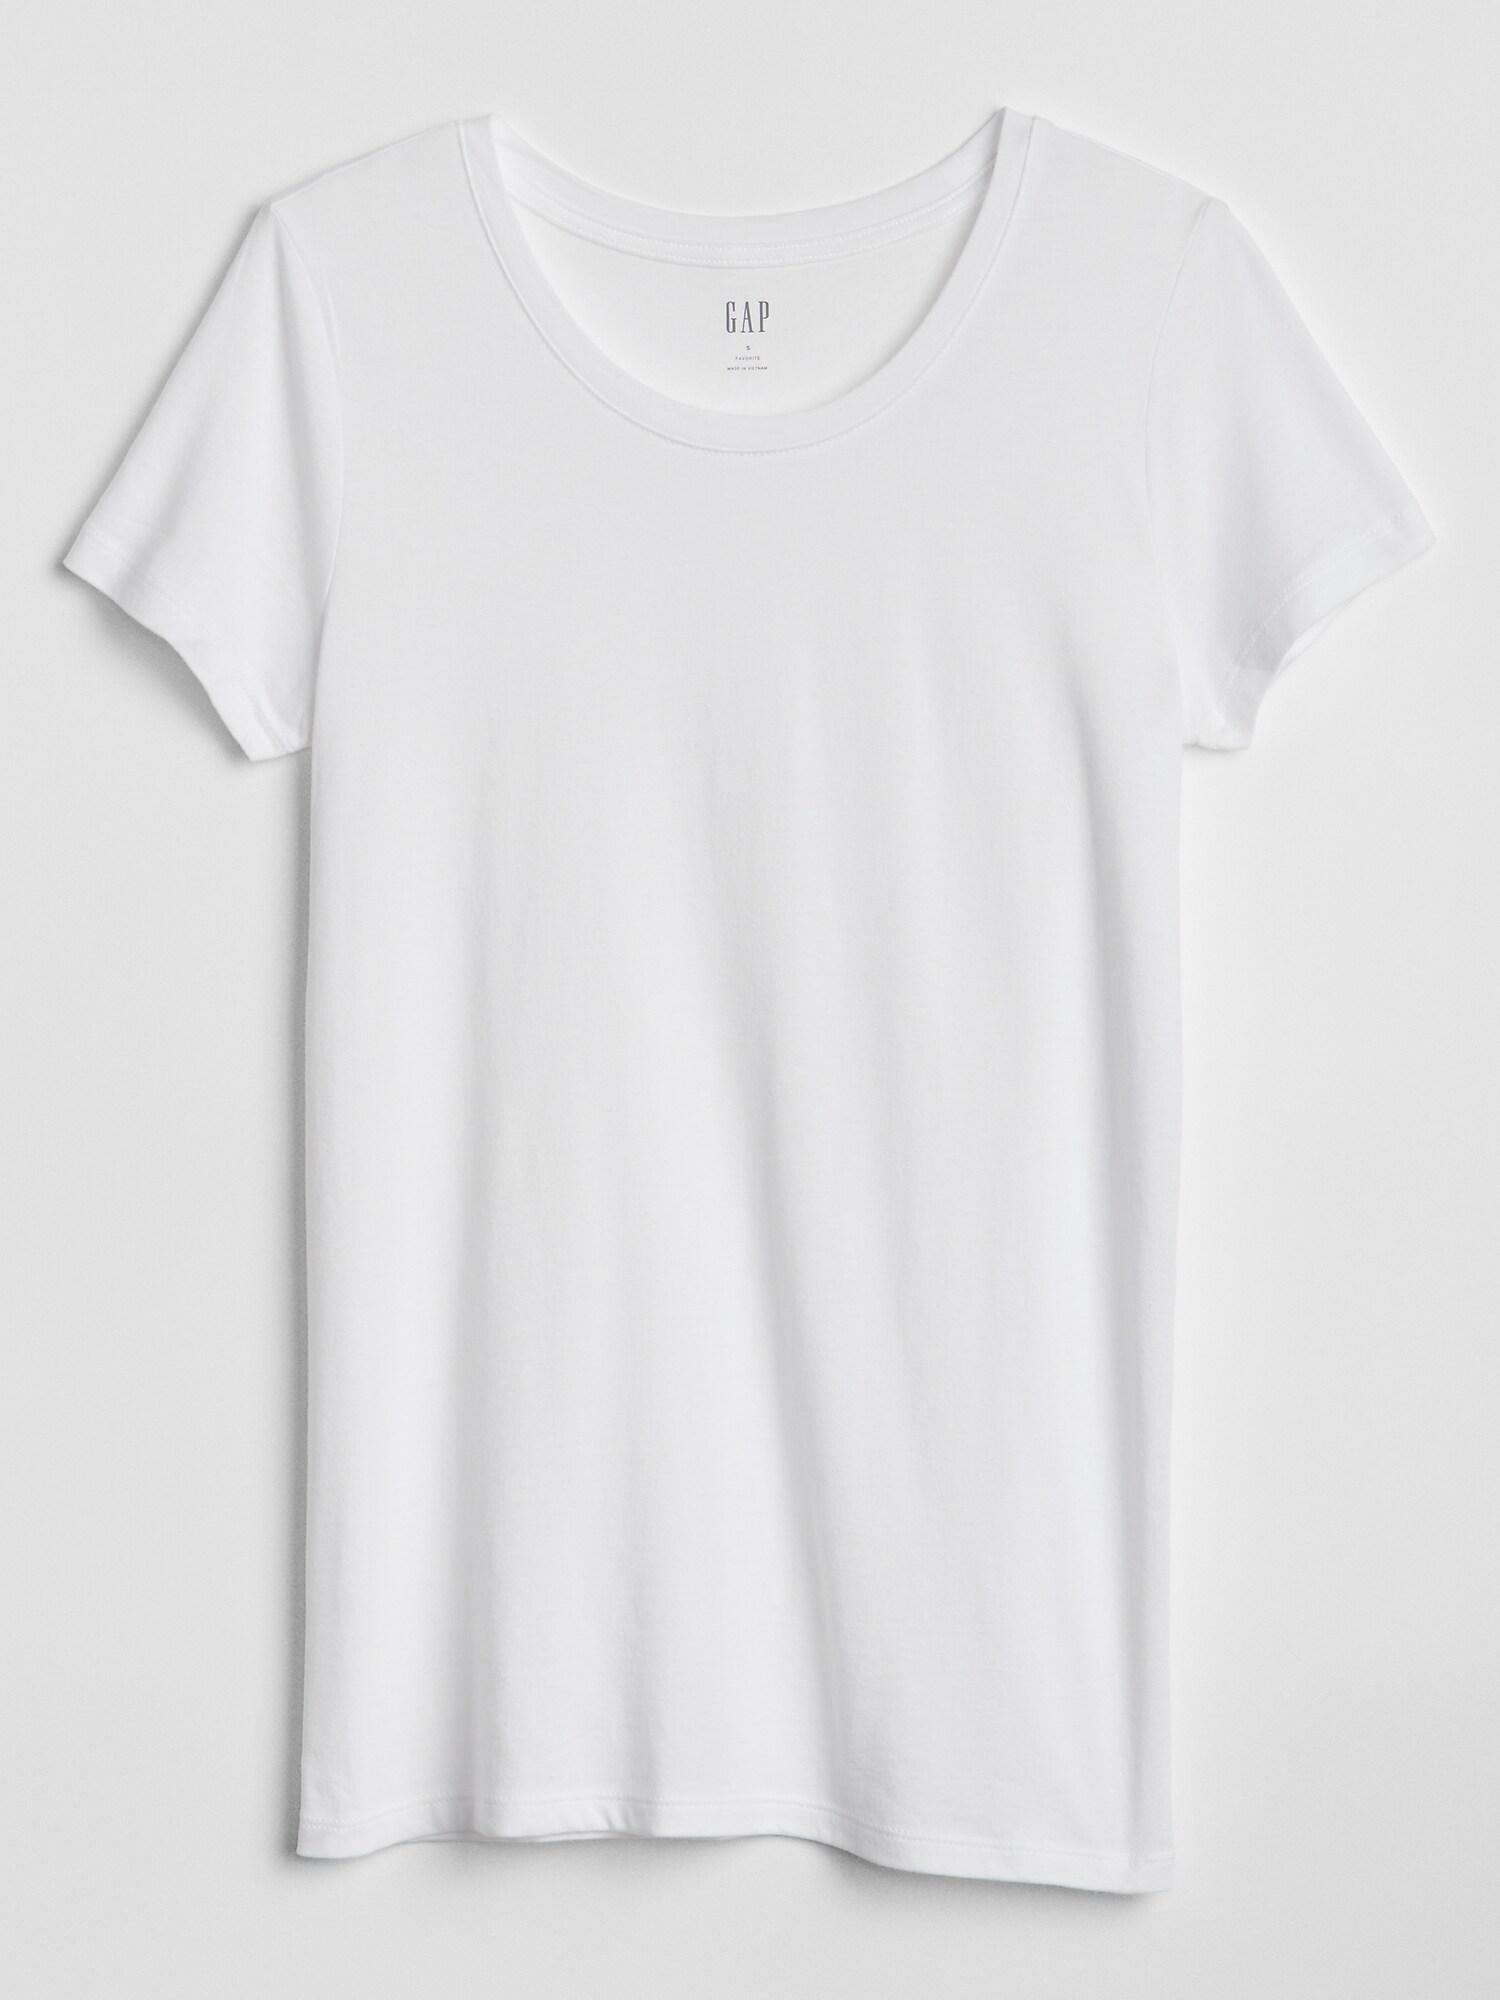 GAP white T-shirt